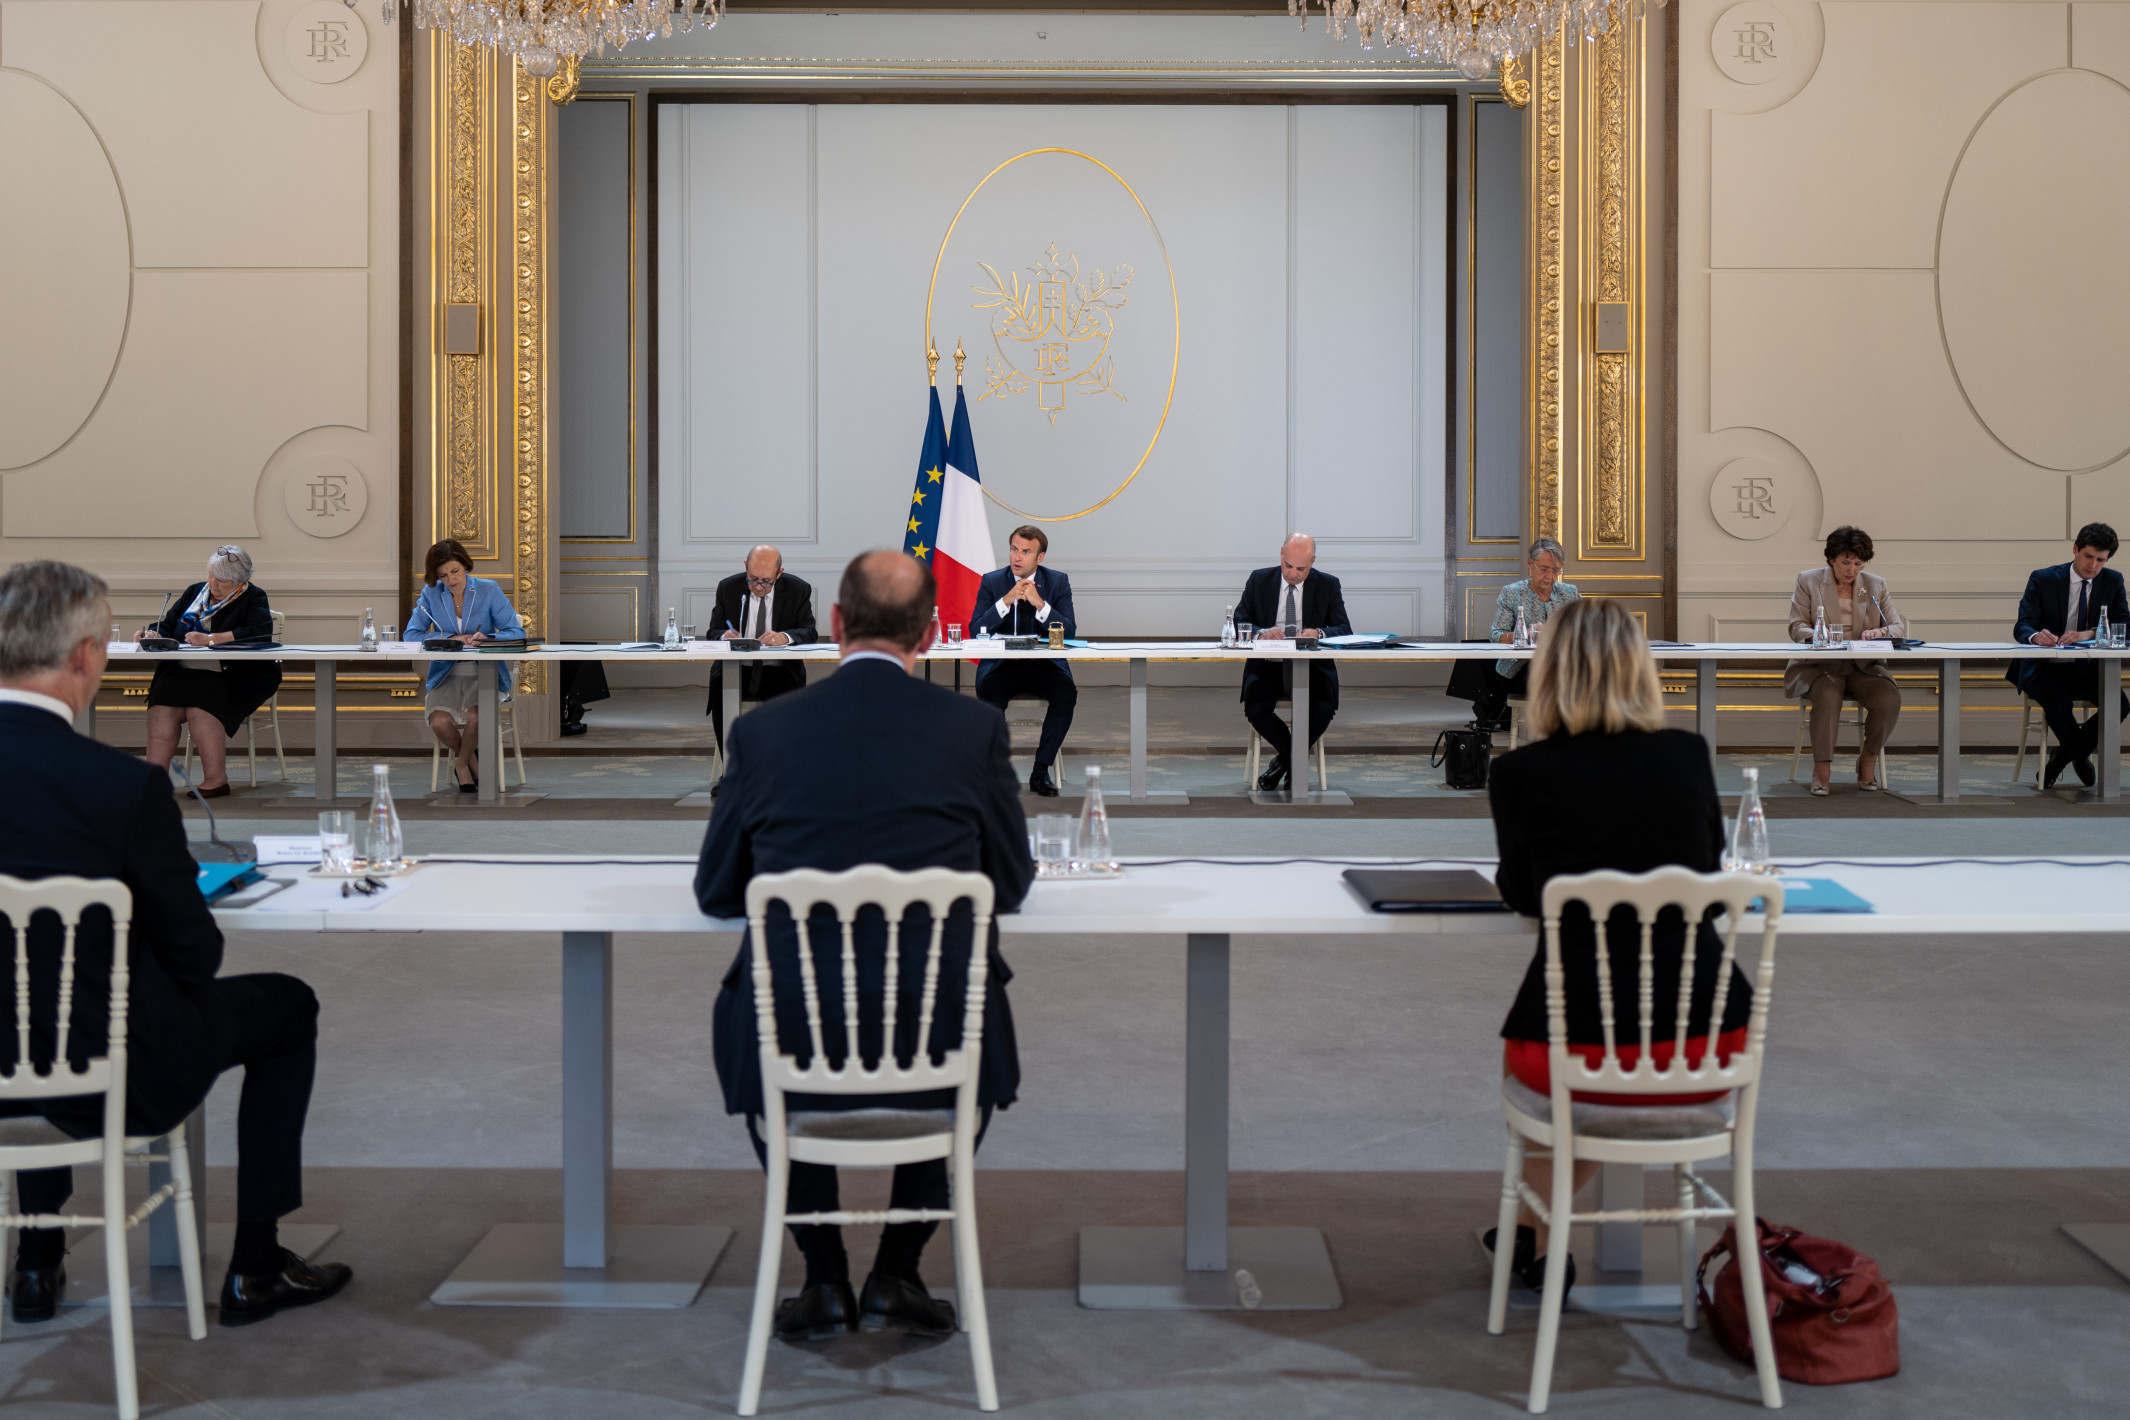 Conseil des ministres à l'Elysée, le 7 juillet 2020